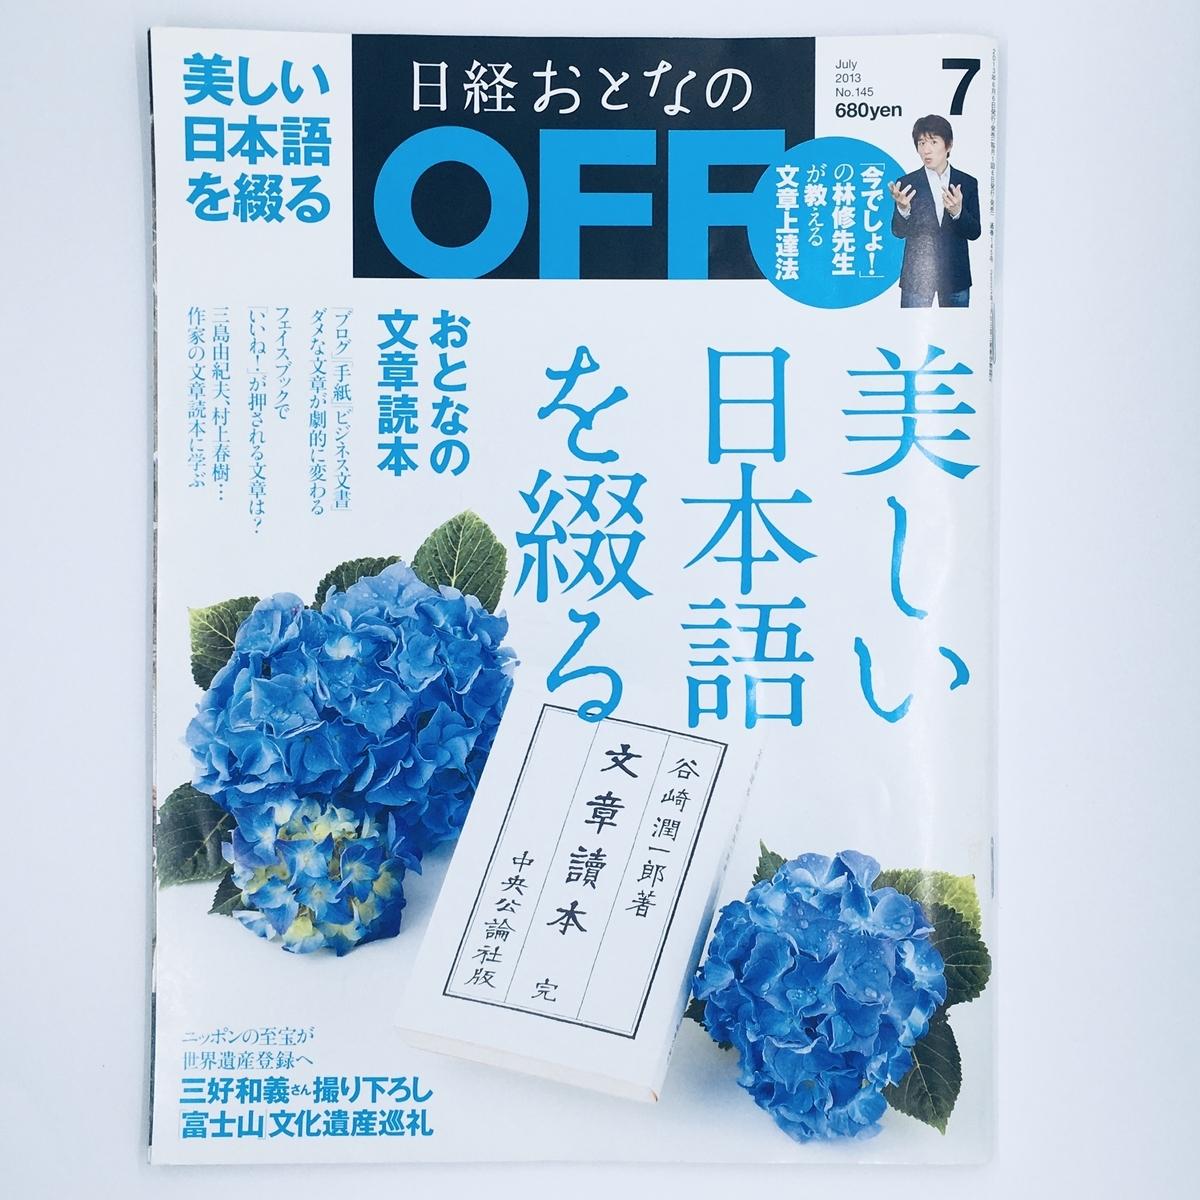 「日経おとなのOFF」2013年7月号「美しい日本語を綴る特集」